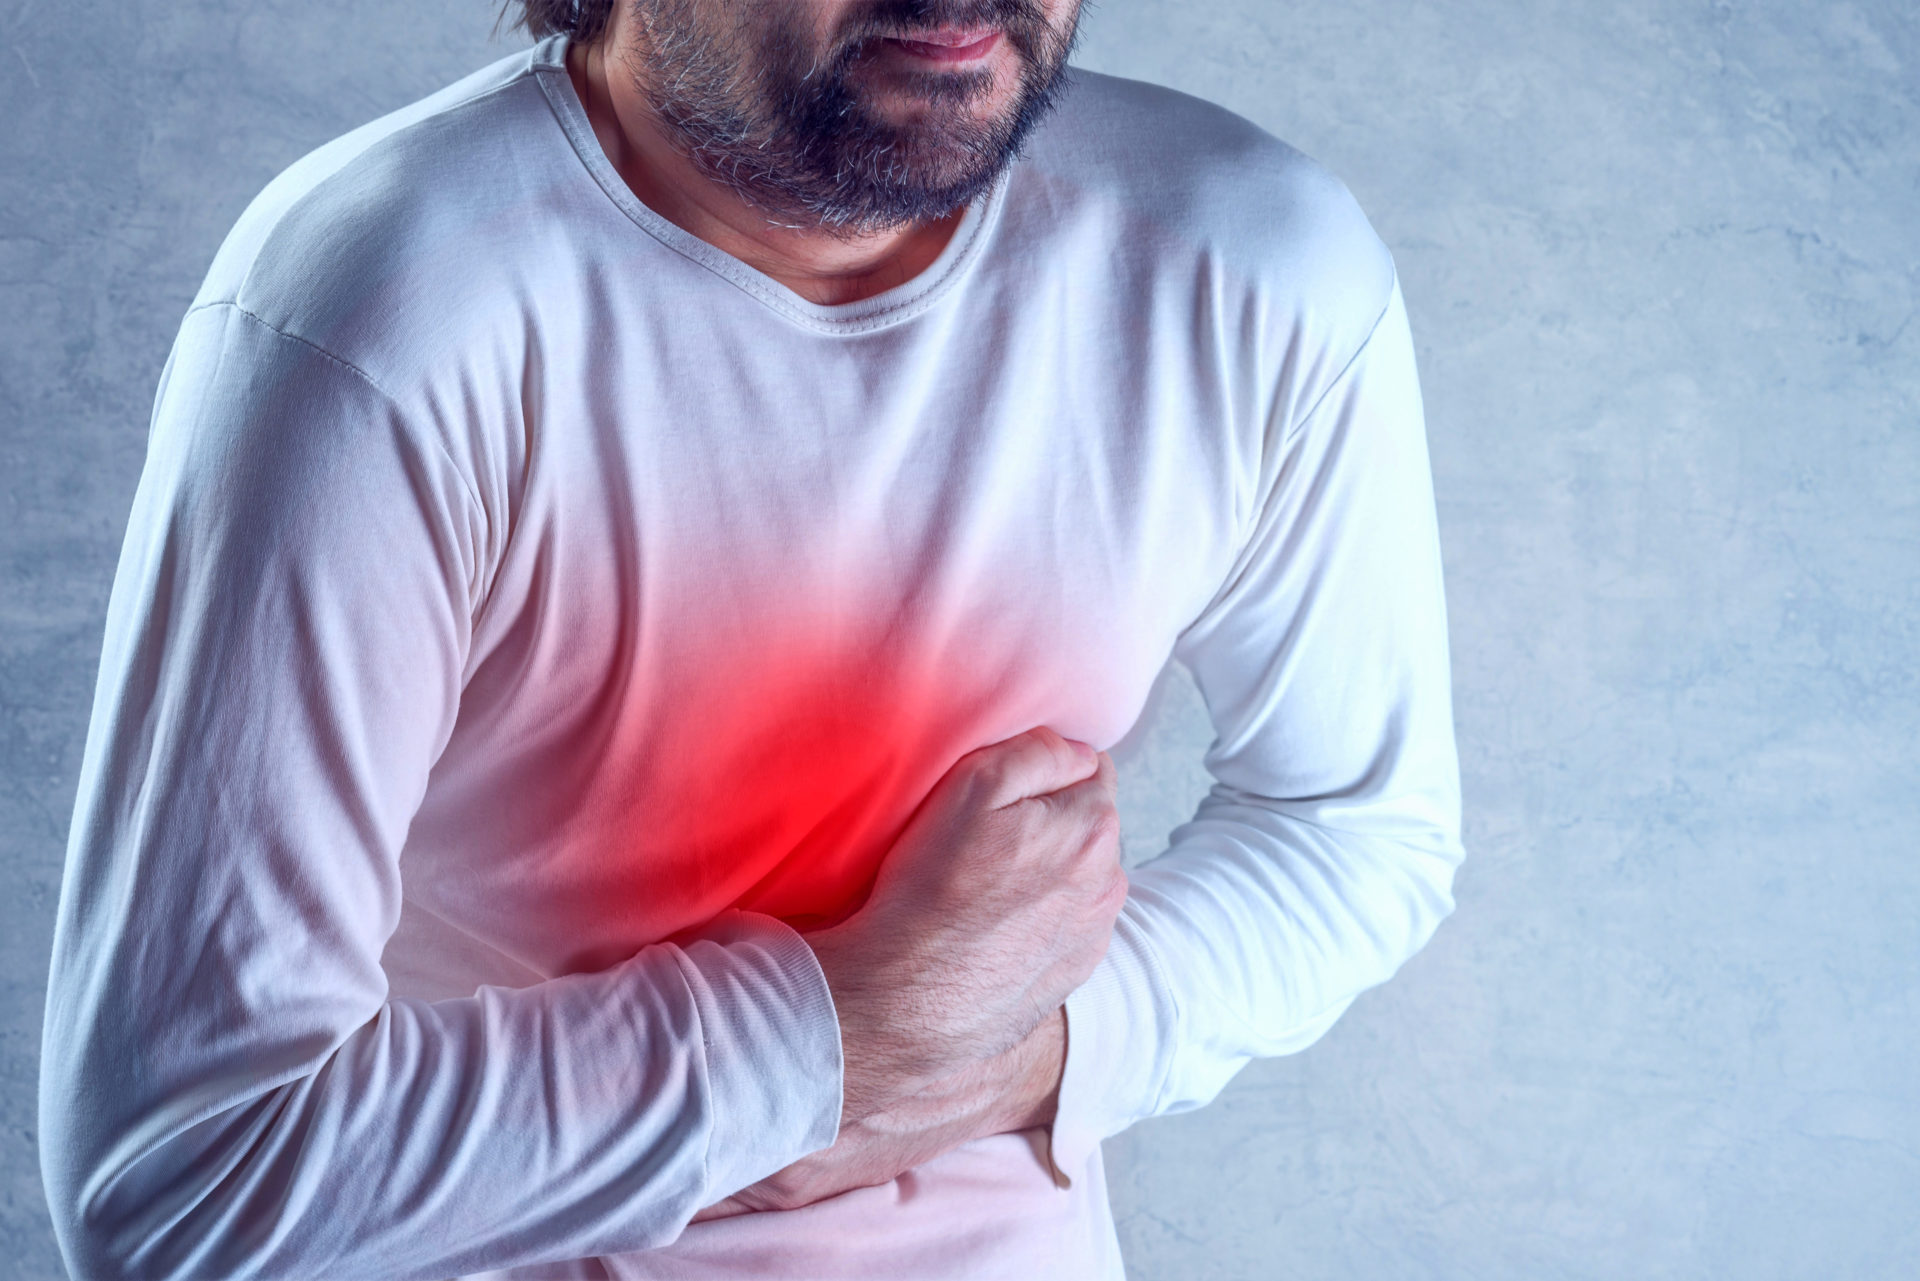 Οισοφαγίτιδα